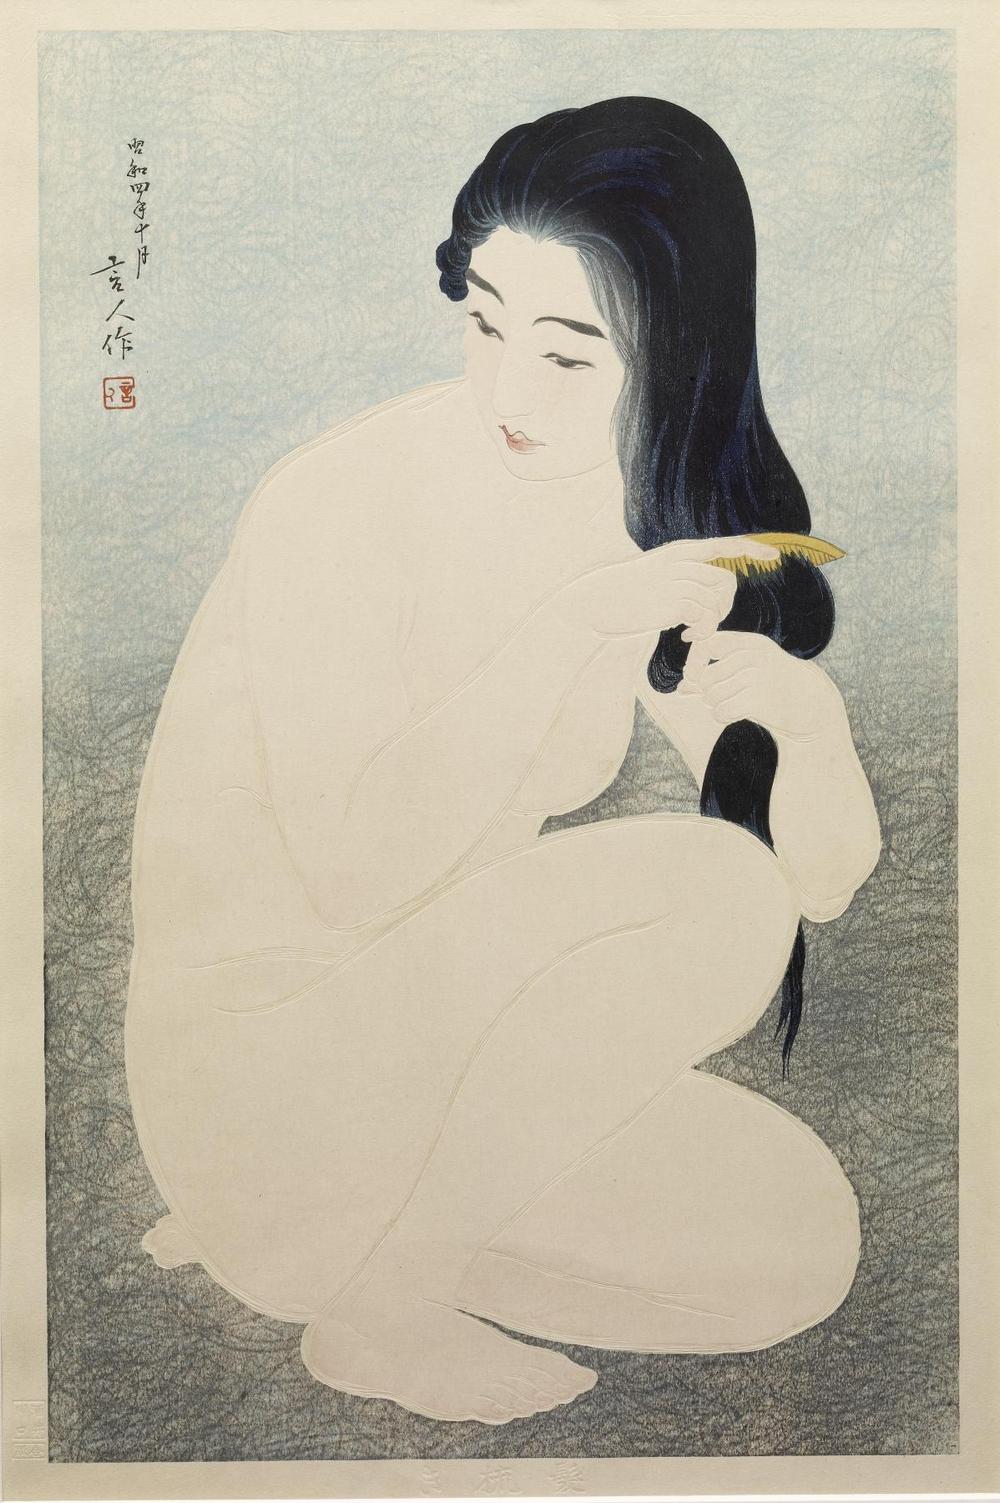 Онлайн-архив с 213 000 прекрасных японских гравюр с 1700-х по 1950-е  9